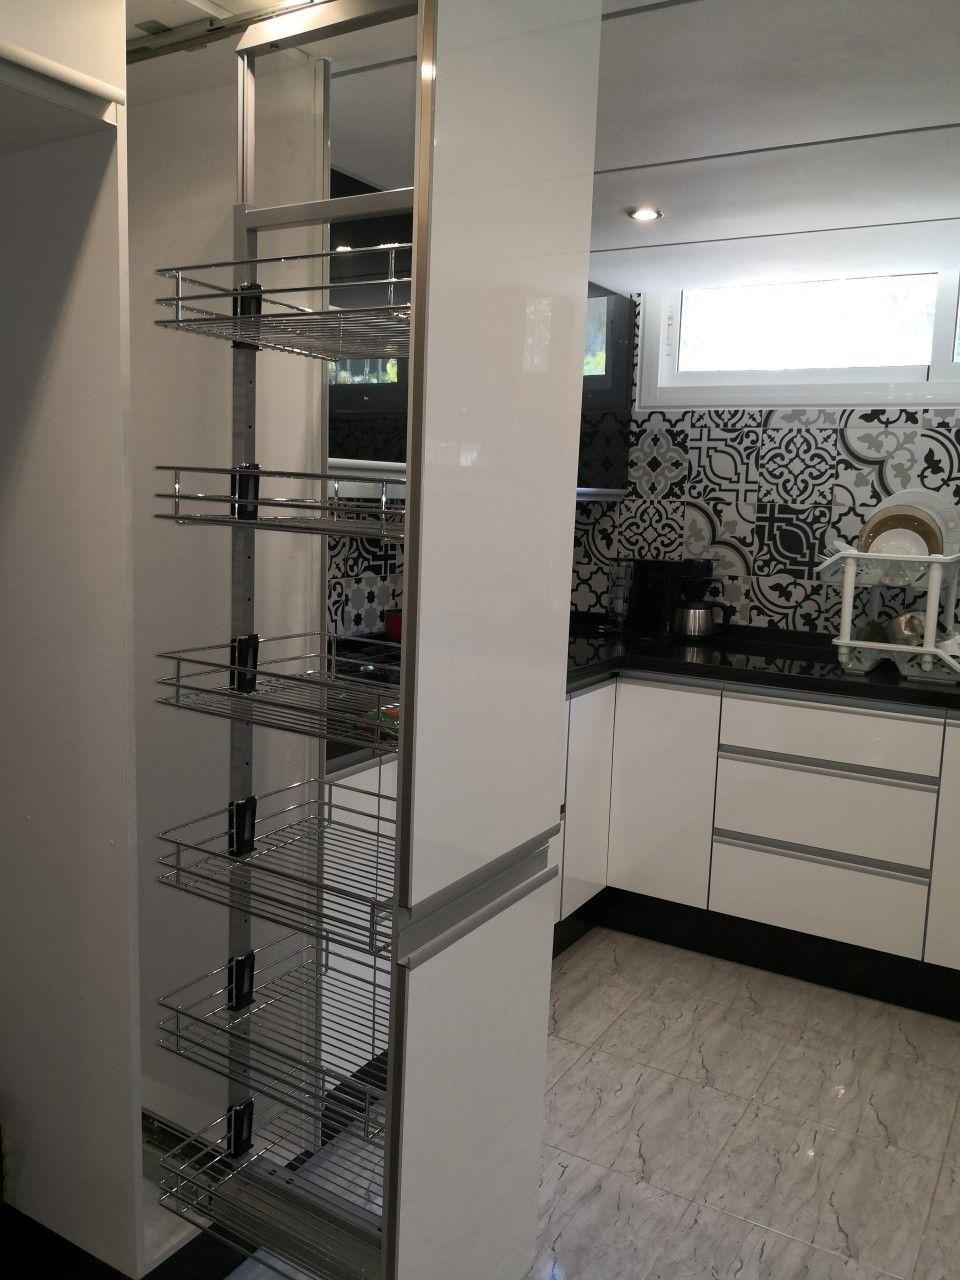 كولون يساعد على تنظيم الأغراض داخل مطبخك Kitchen Appliances Kitchen Home Decor